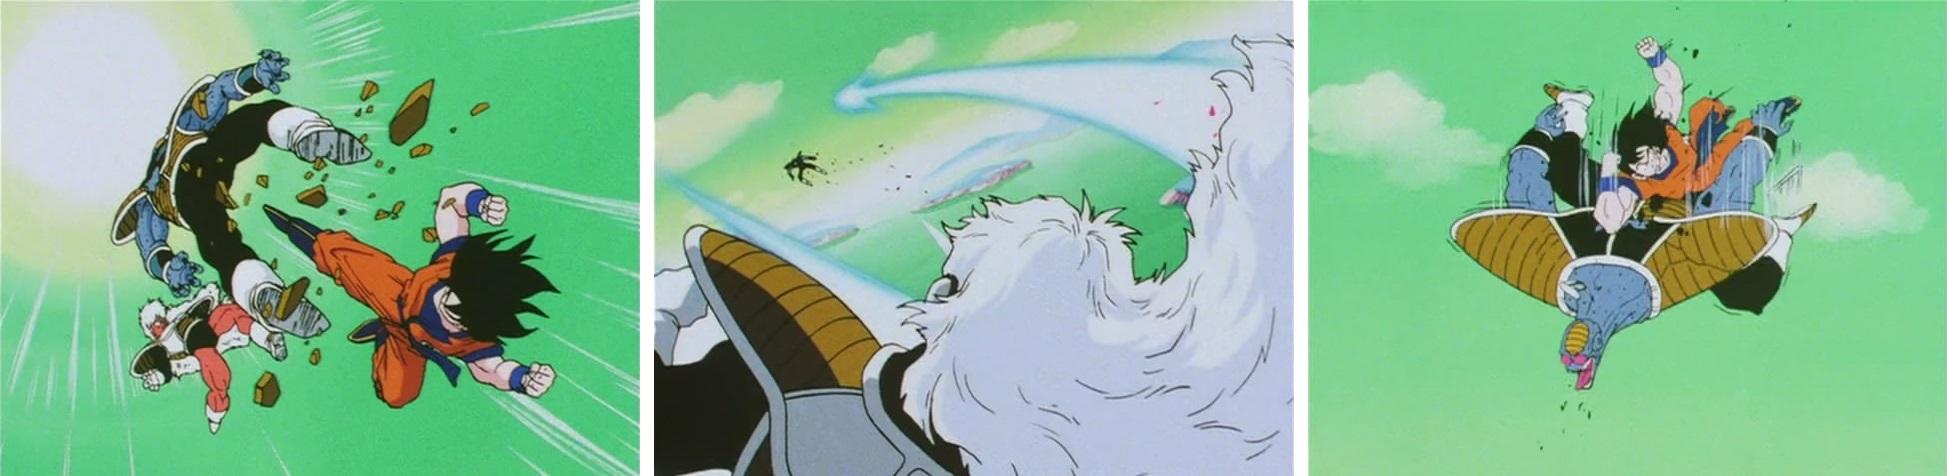 Une scène animée par Masahiro Shimanuki dans l'épisode 068 de Dragon Ball Z